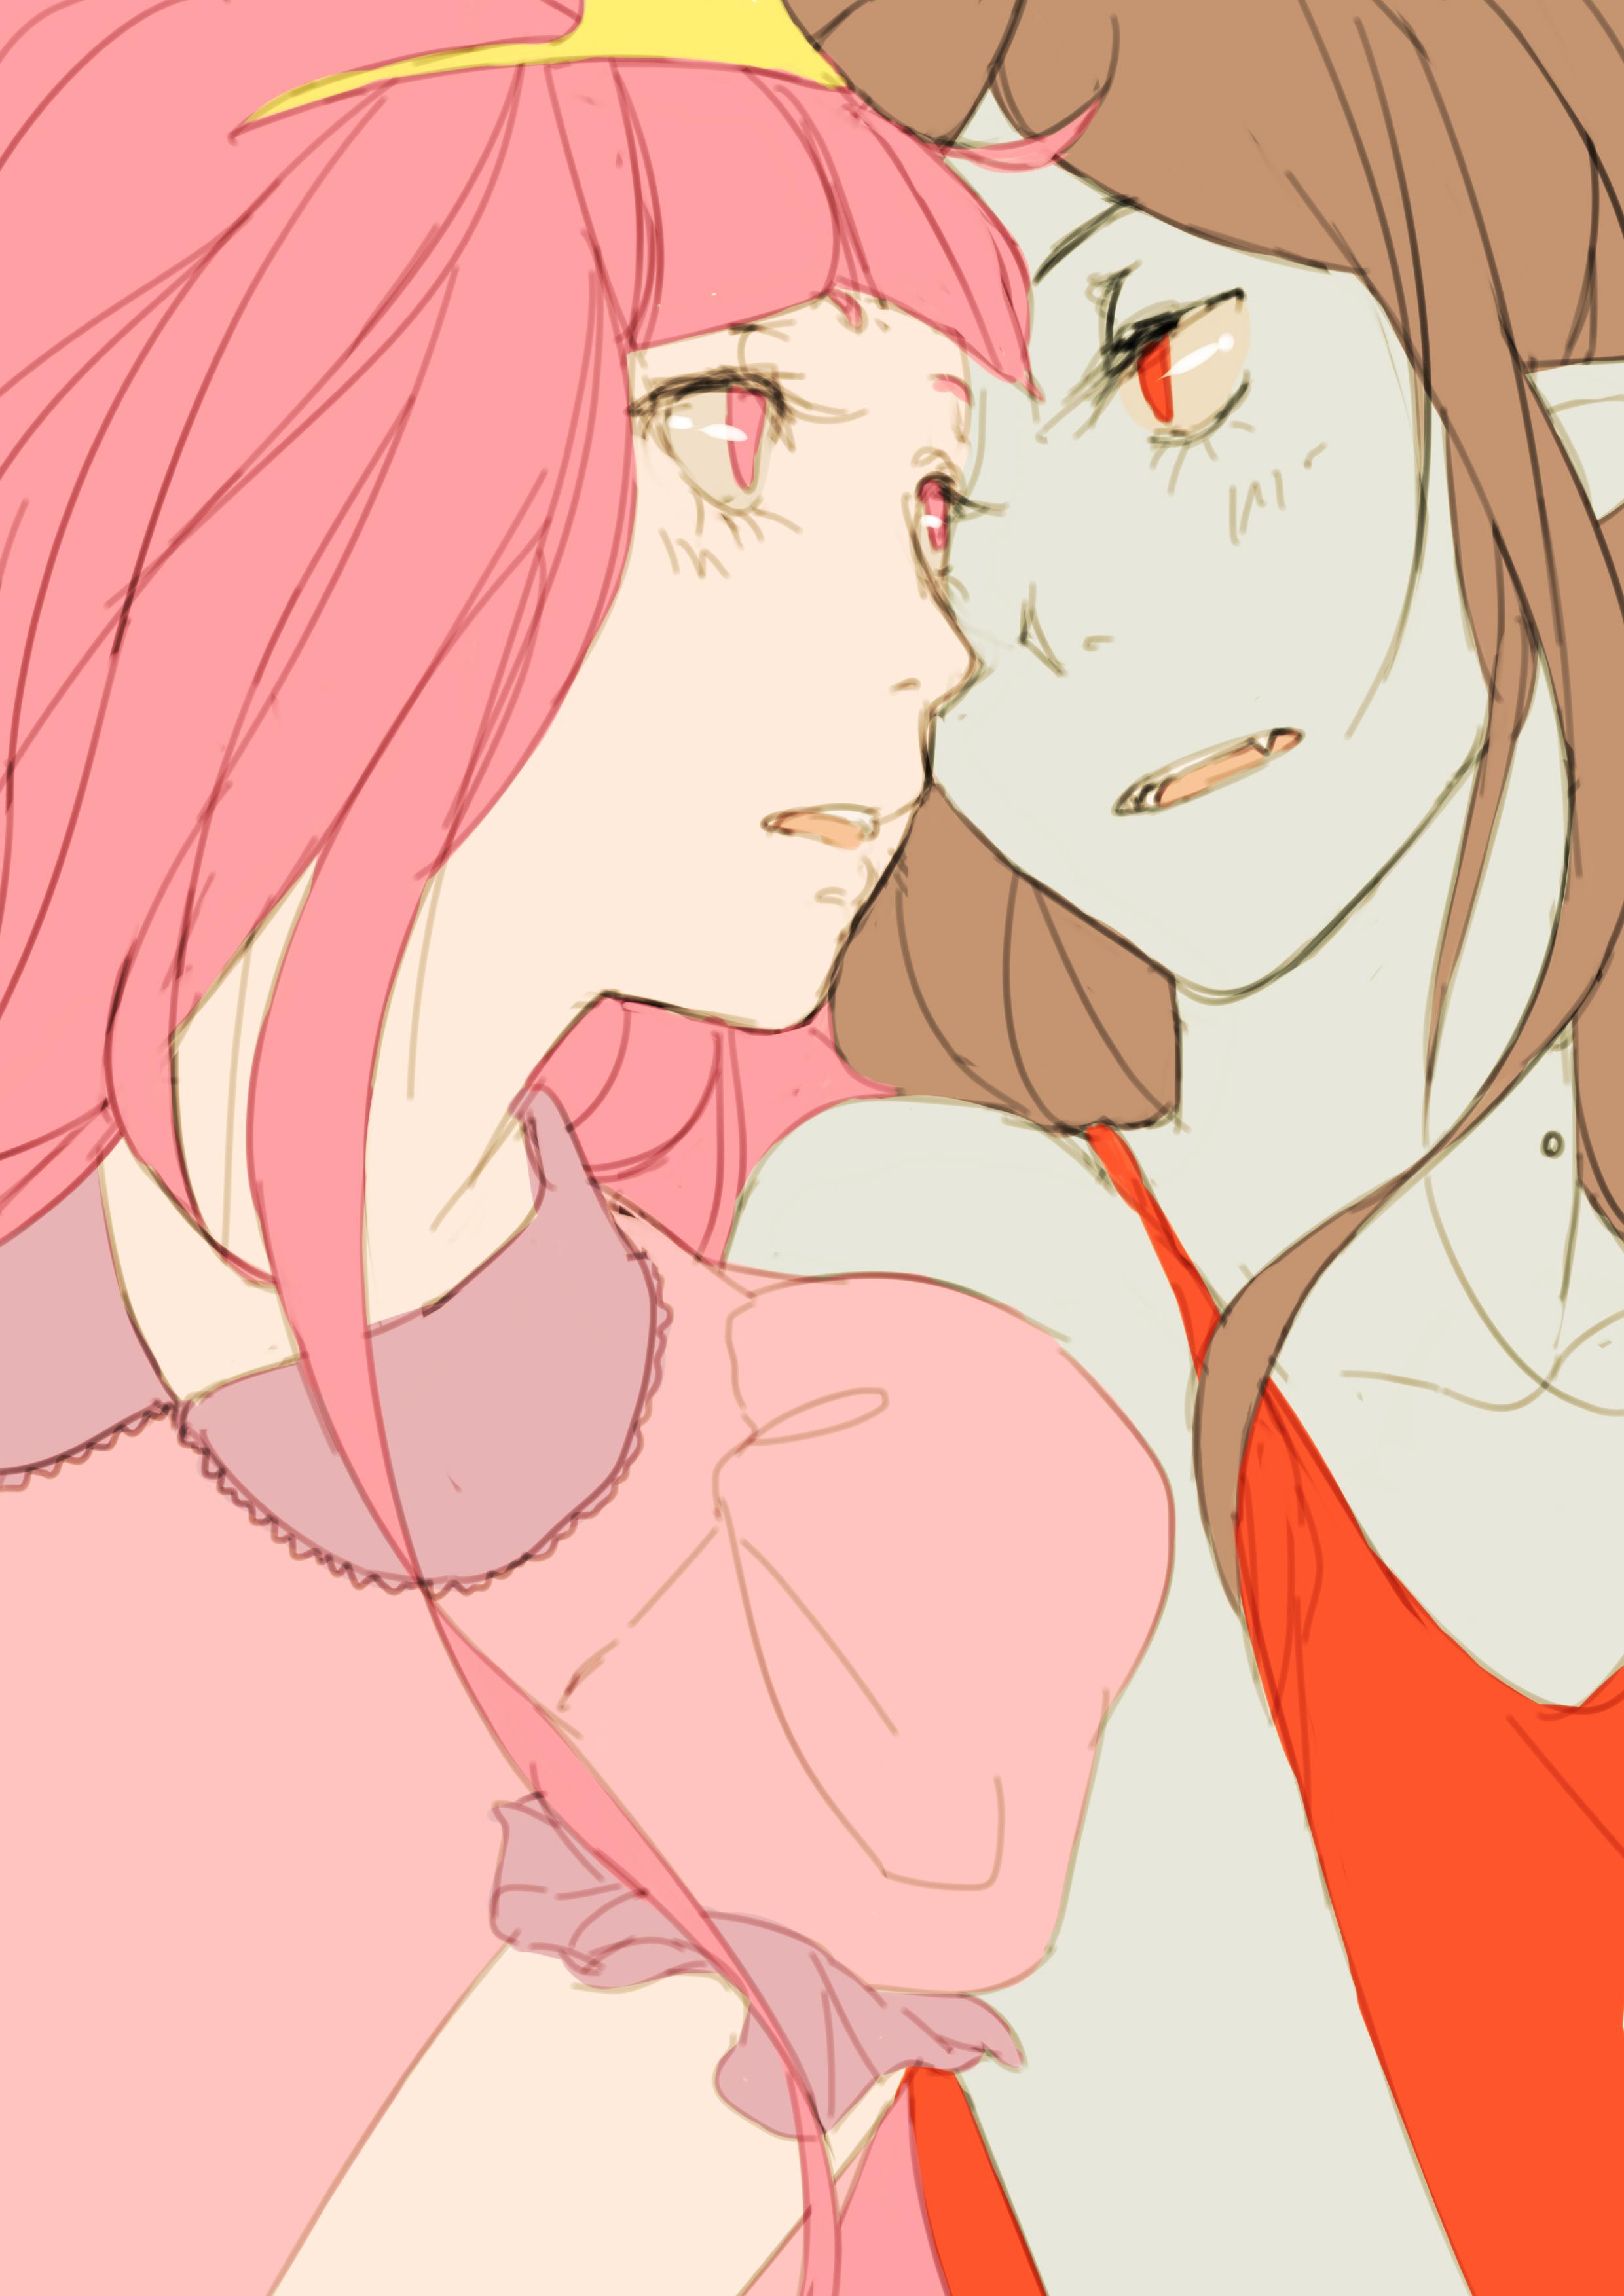 Tranh anime cô công chúa tóc hồng